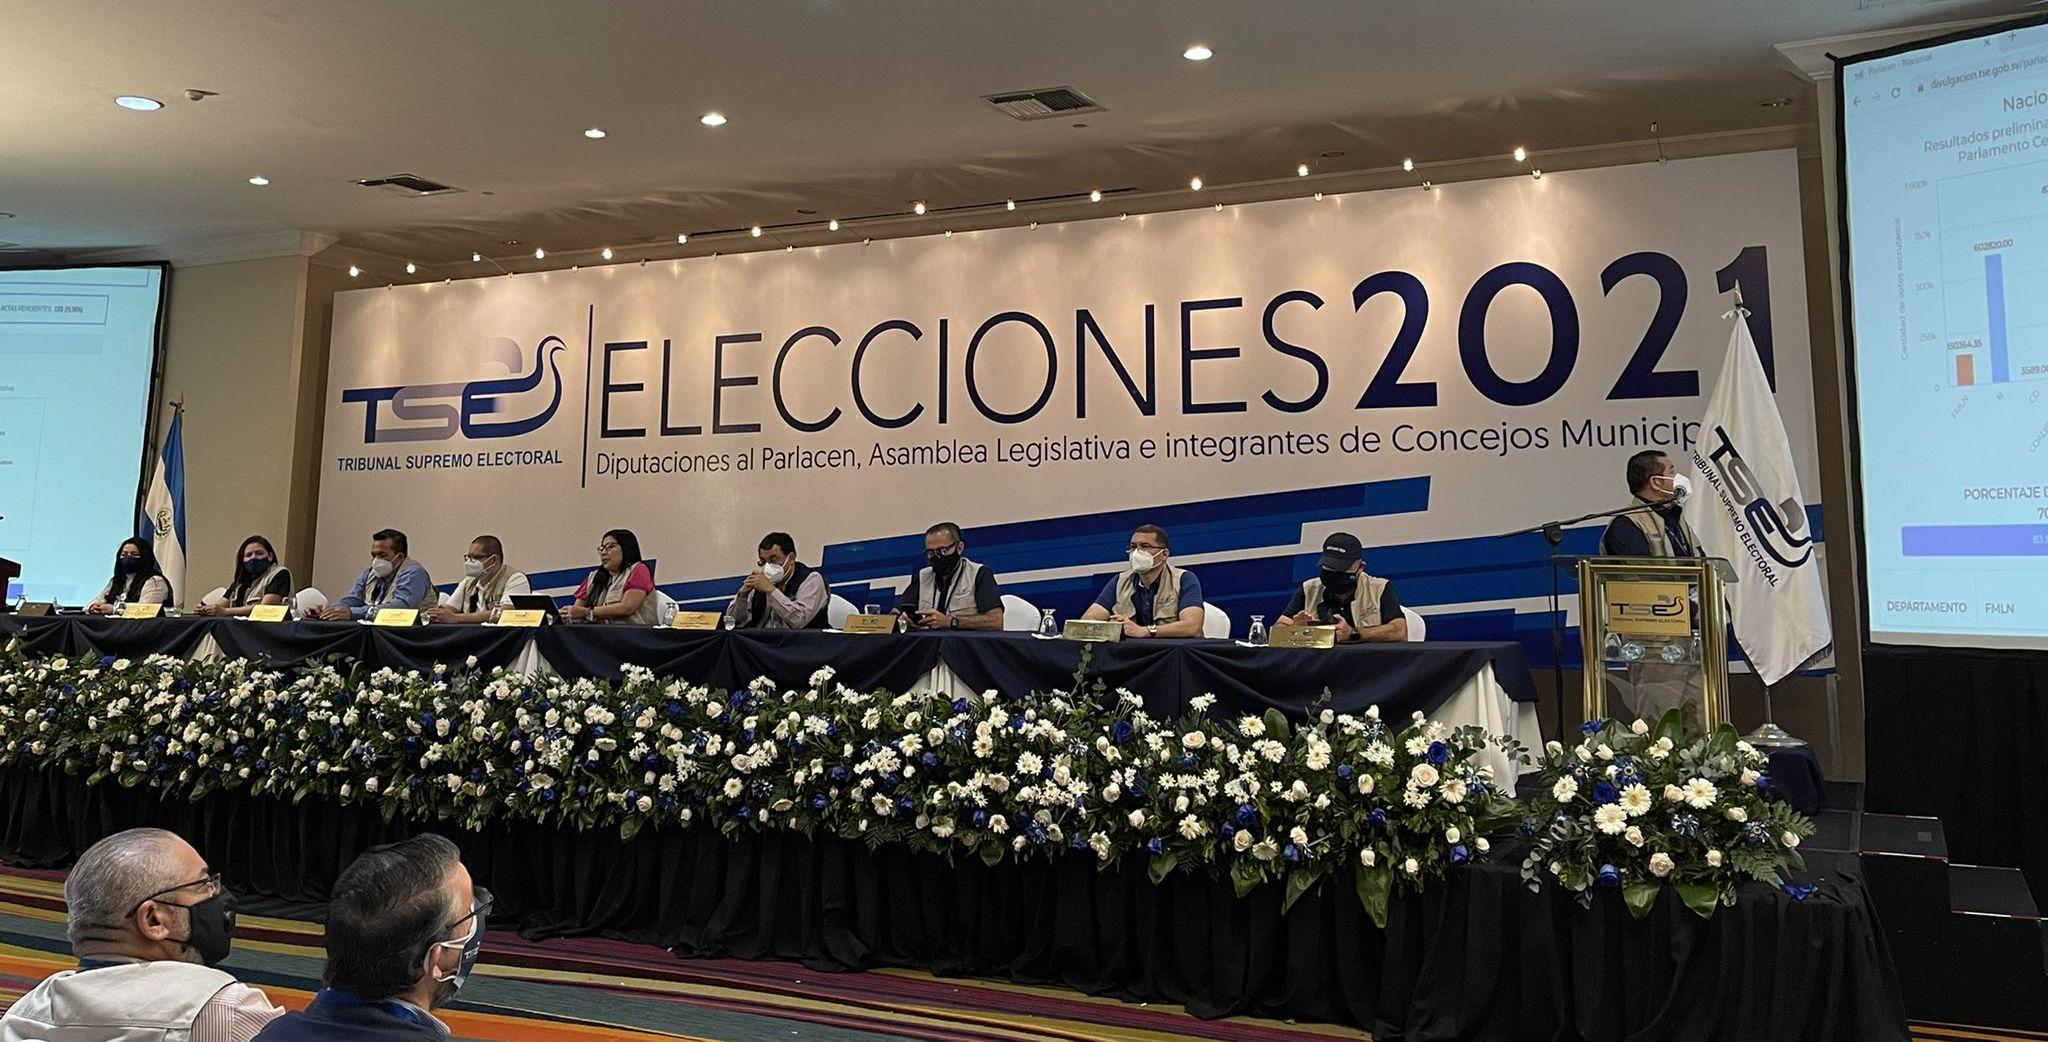 APLASTANTE  VICTORIA DE NUEVAS IDEAS EN ELECCIONES 2021